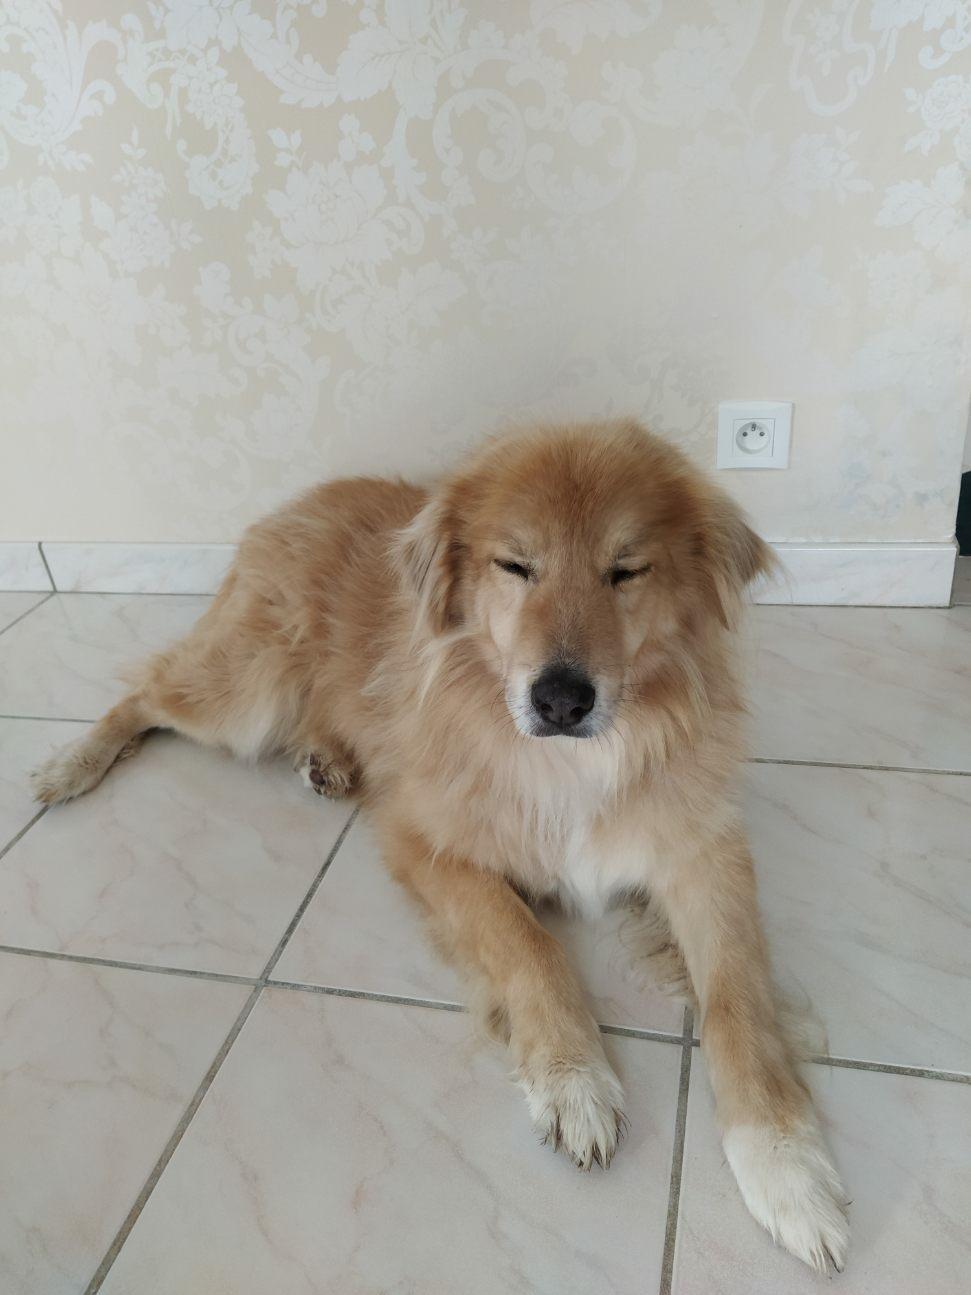 POUFFY - Mâle croisé golden retriever / chow chow taille moyenne - Né environ en juin 2007 - adopté par Alizée (63) - décédé - Page 4 Save_234